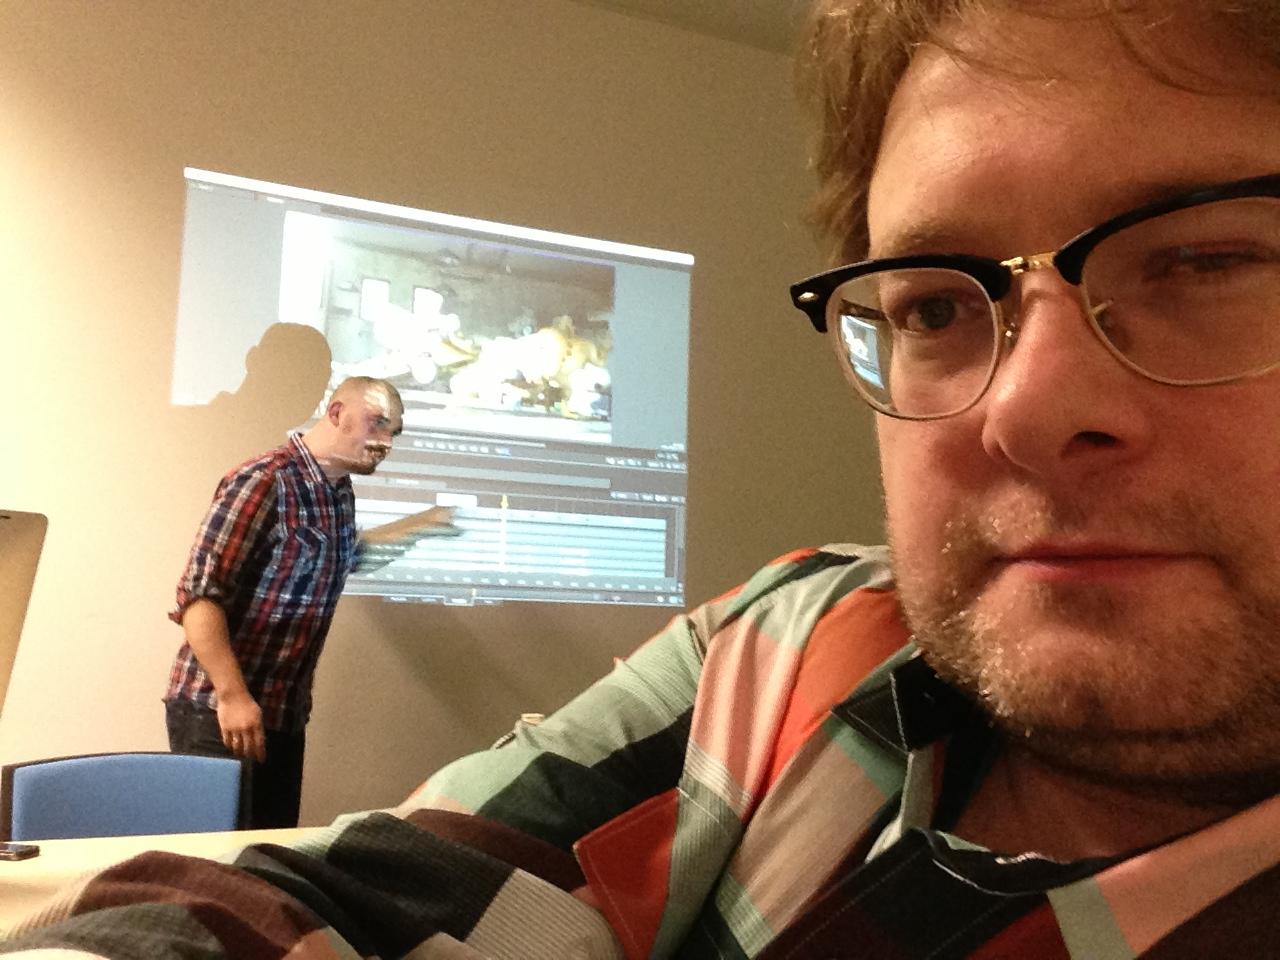 Alex Horst (hinten) zeigt, was die Software kann und ich staune.